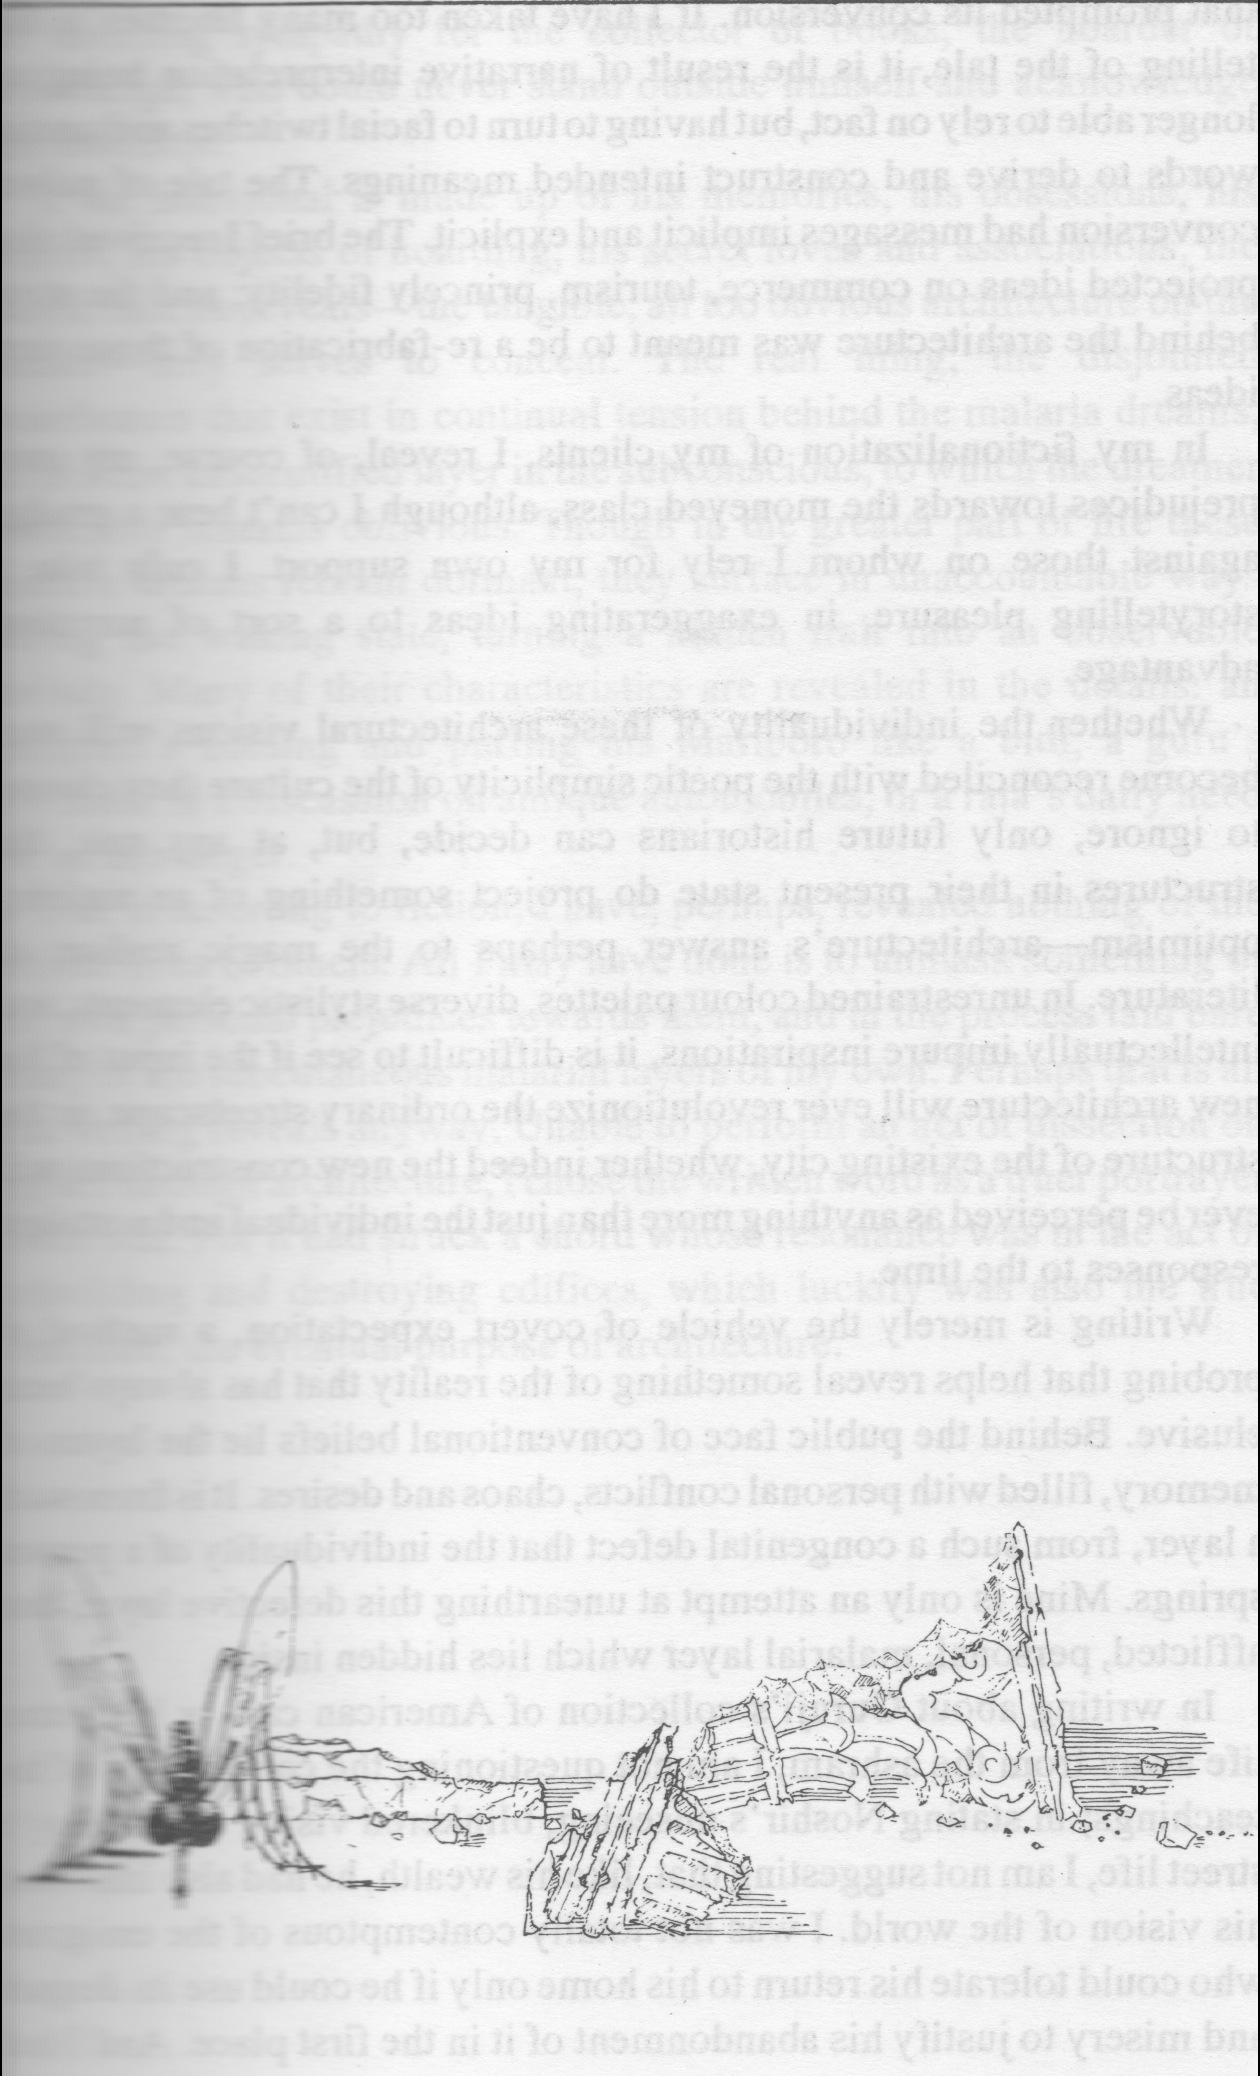 Malaria Dreams. 1995. Pen and Ink.